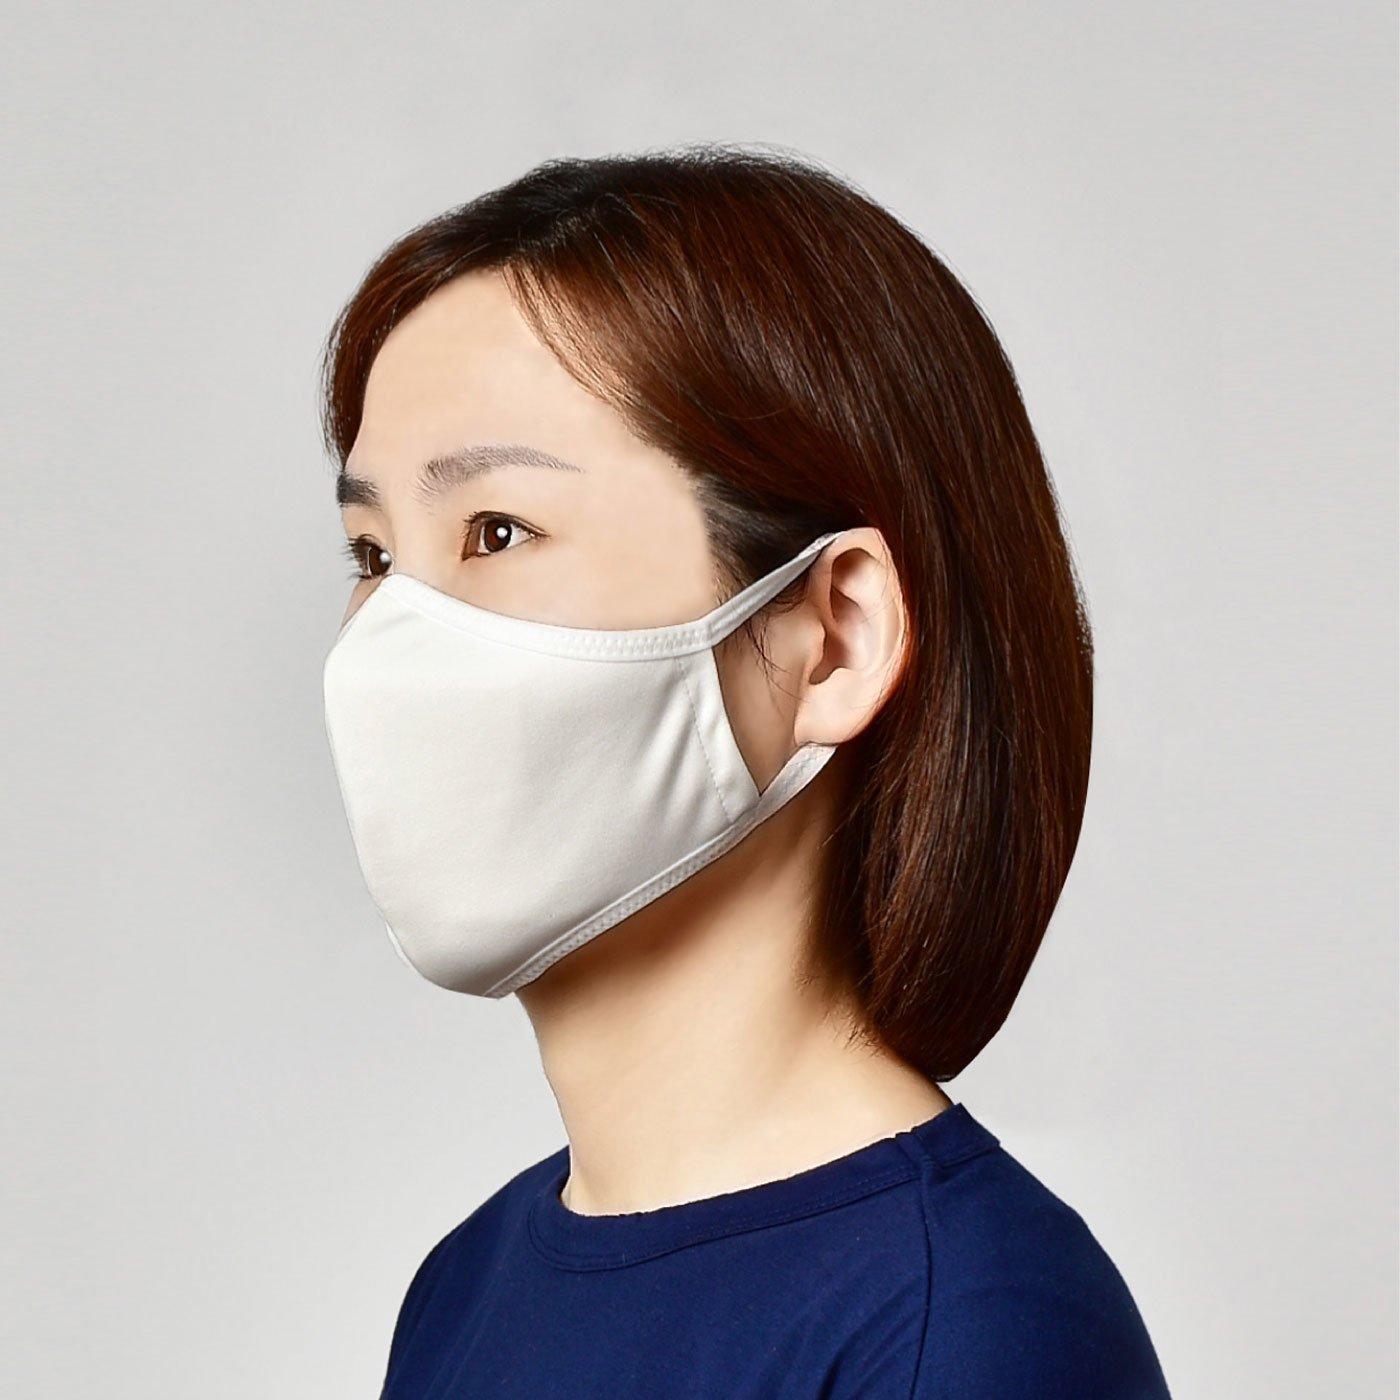 ひんやり素材で乗り切る! 旭化成のペアクール(R)使用 接触冷感マスク